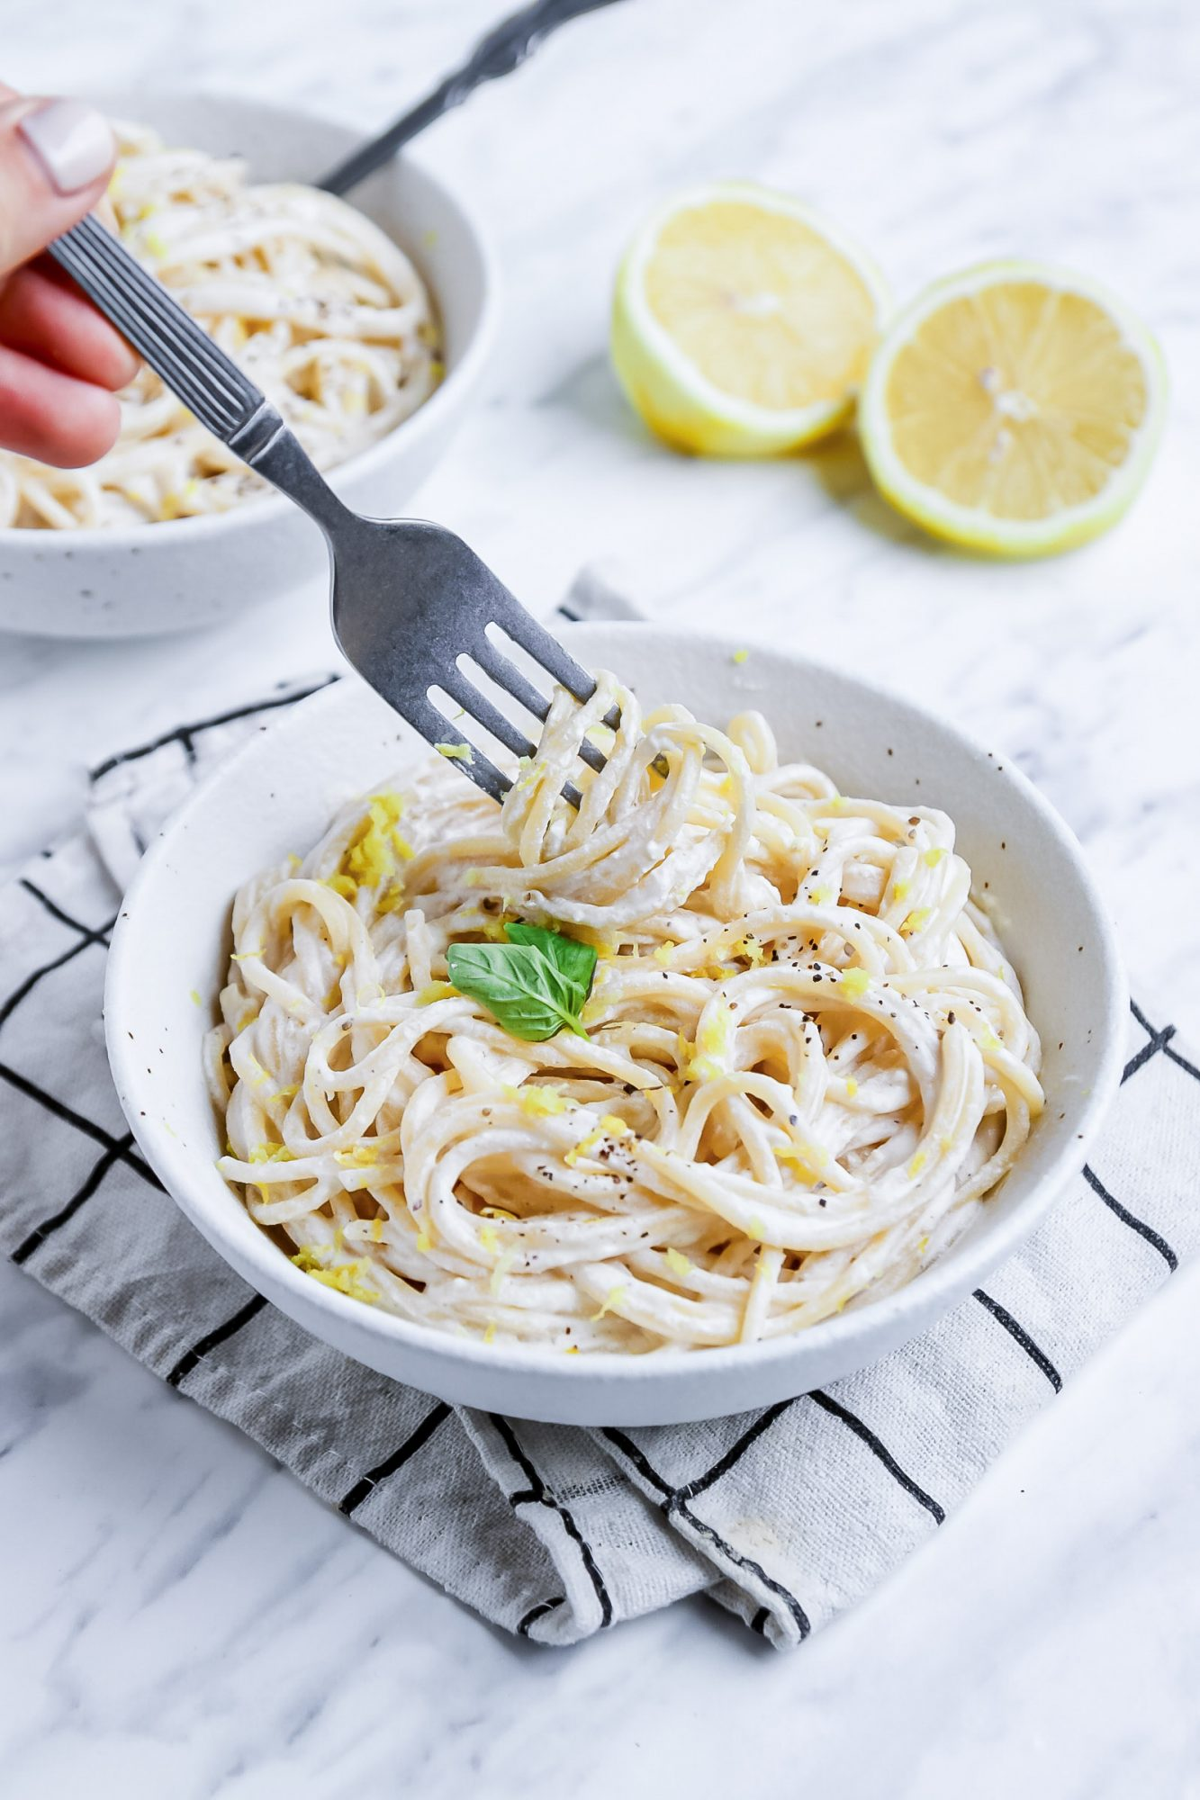 Quick Lemony Pasta Recipe